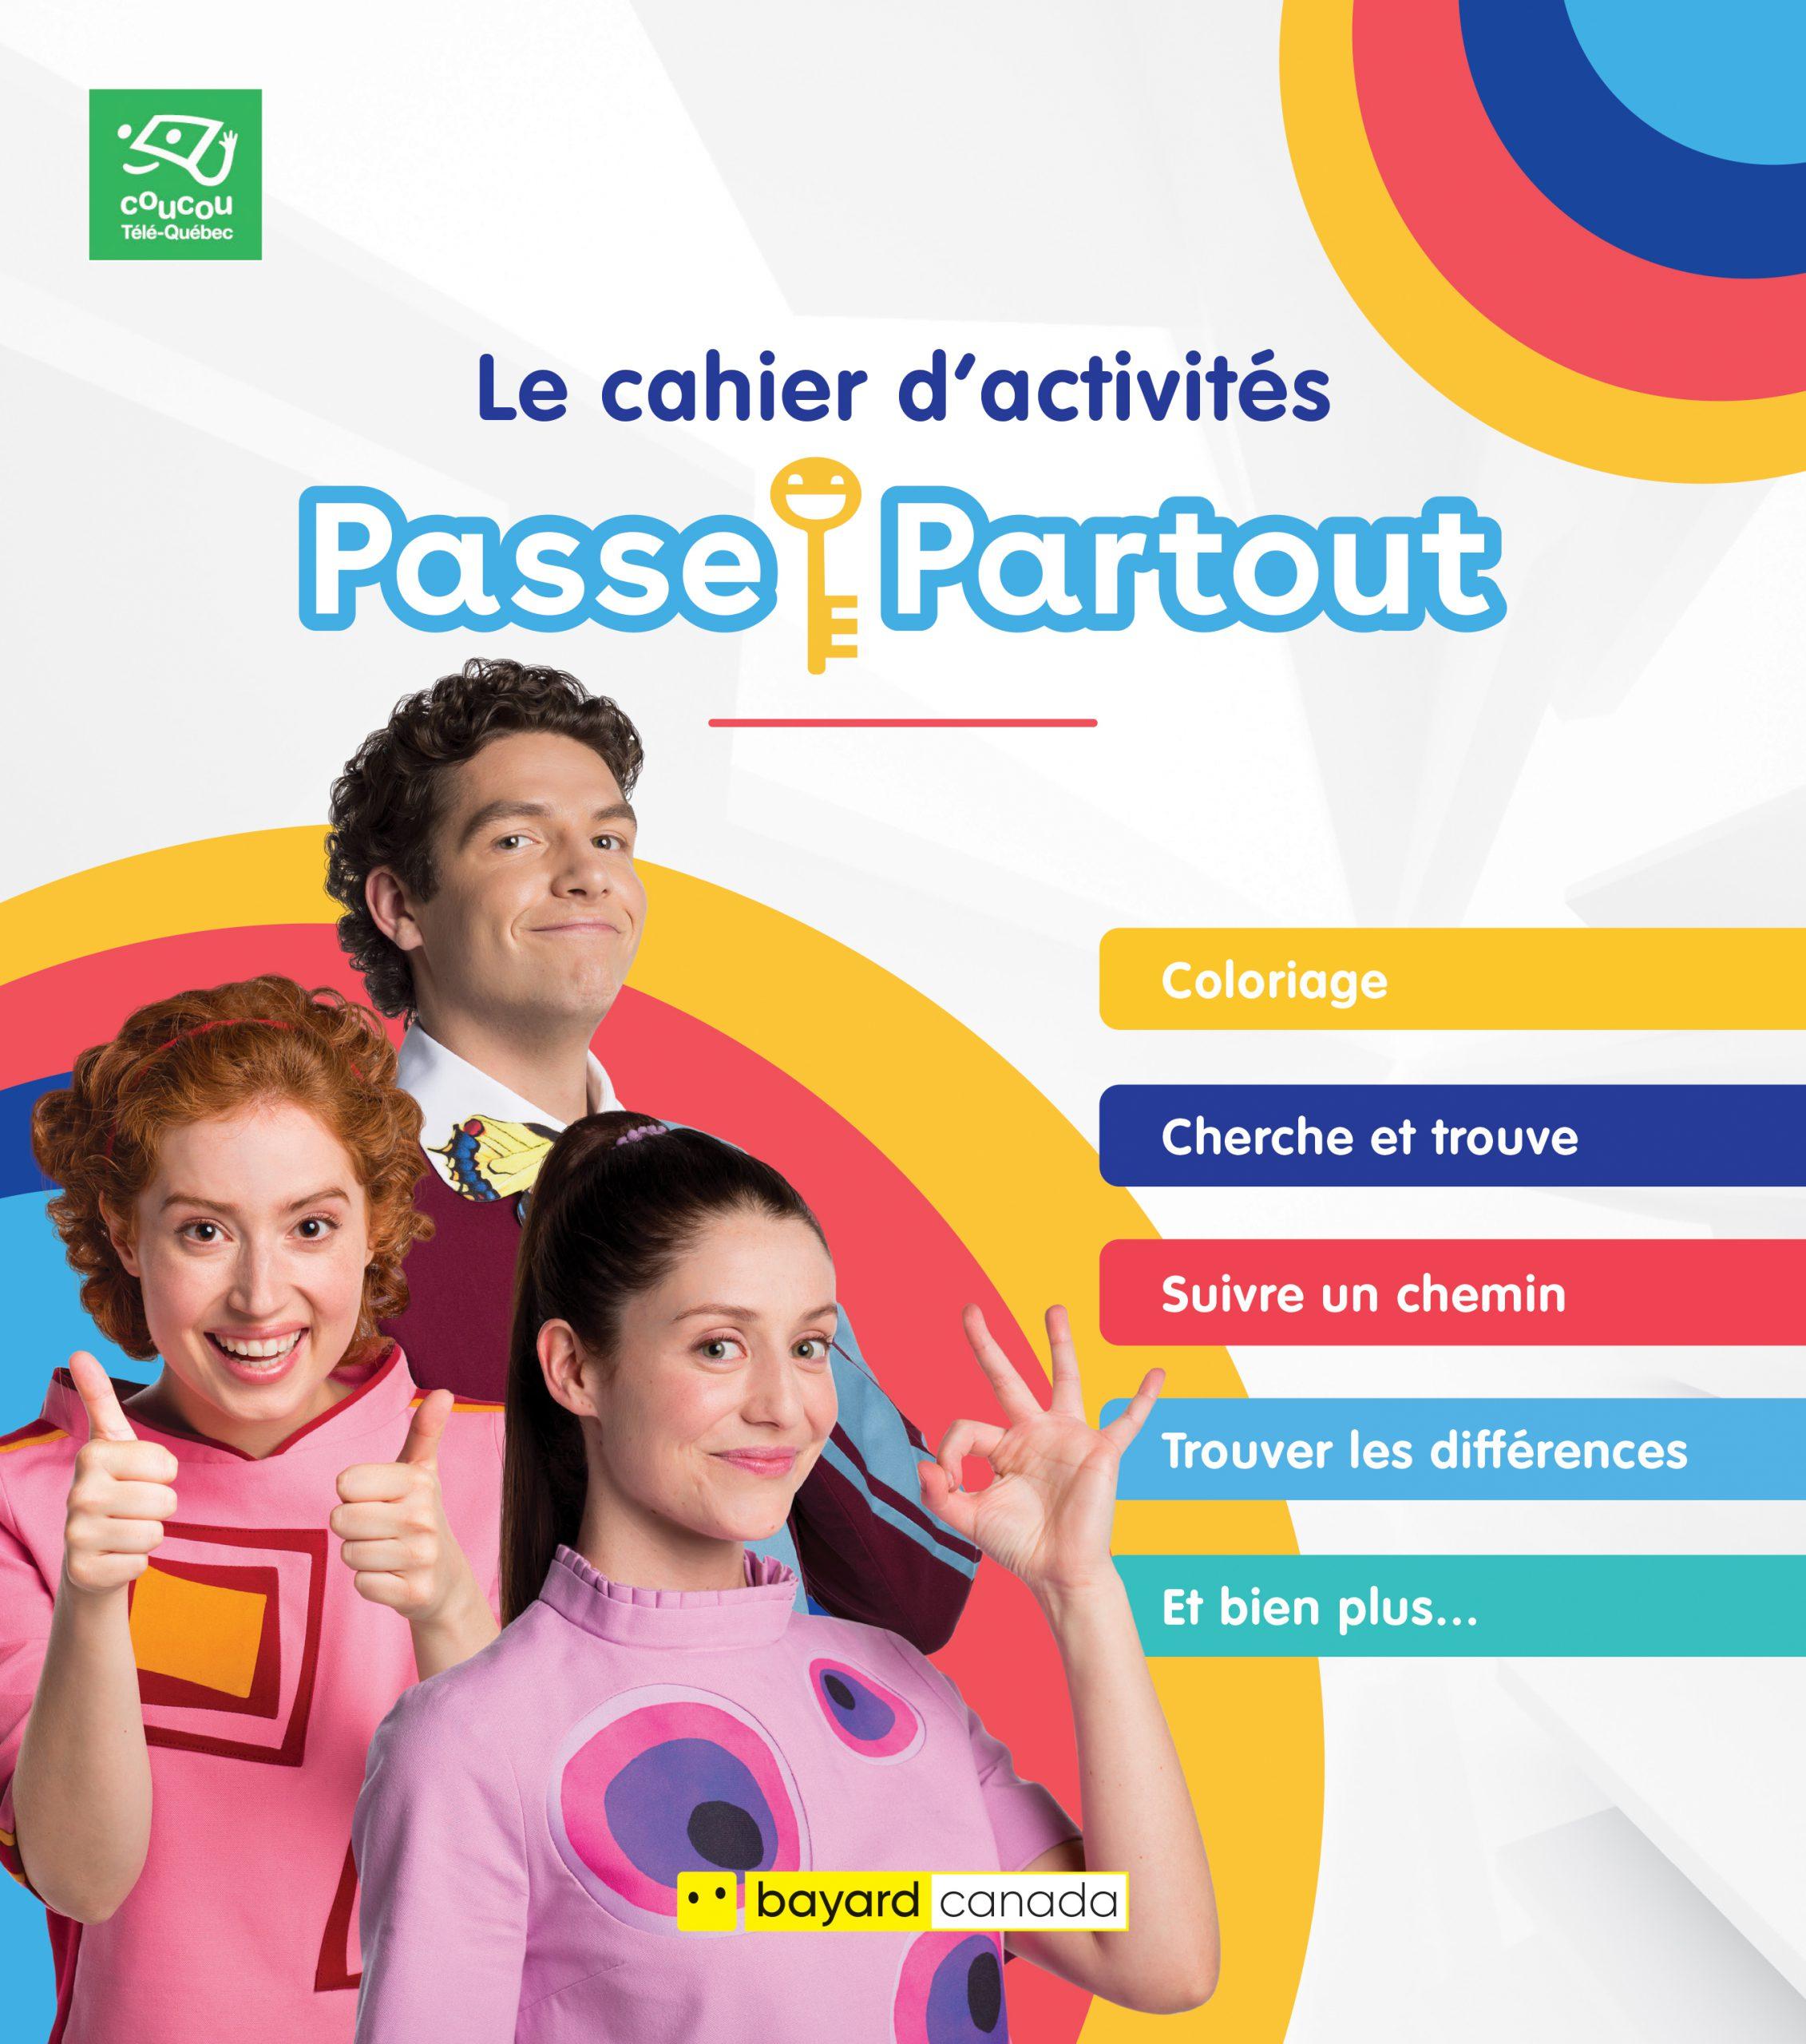 Le cahier d'activités Passe-Partout